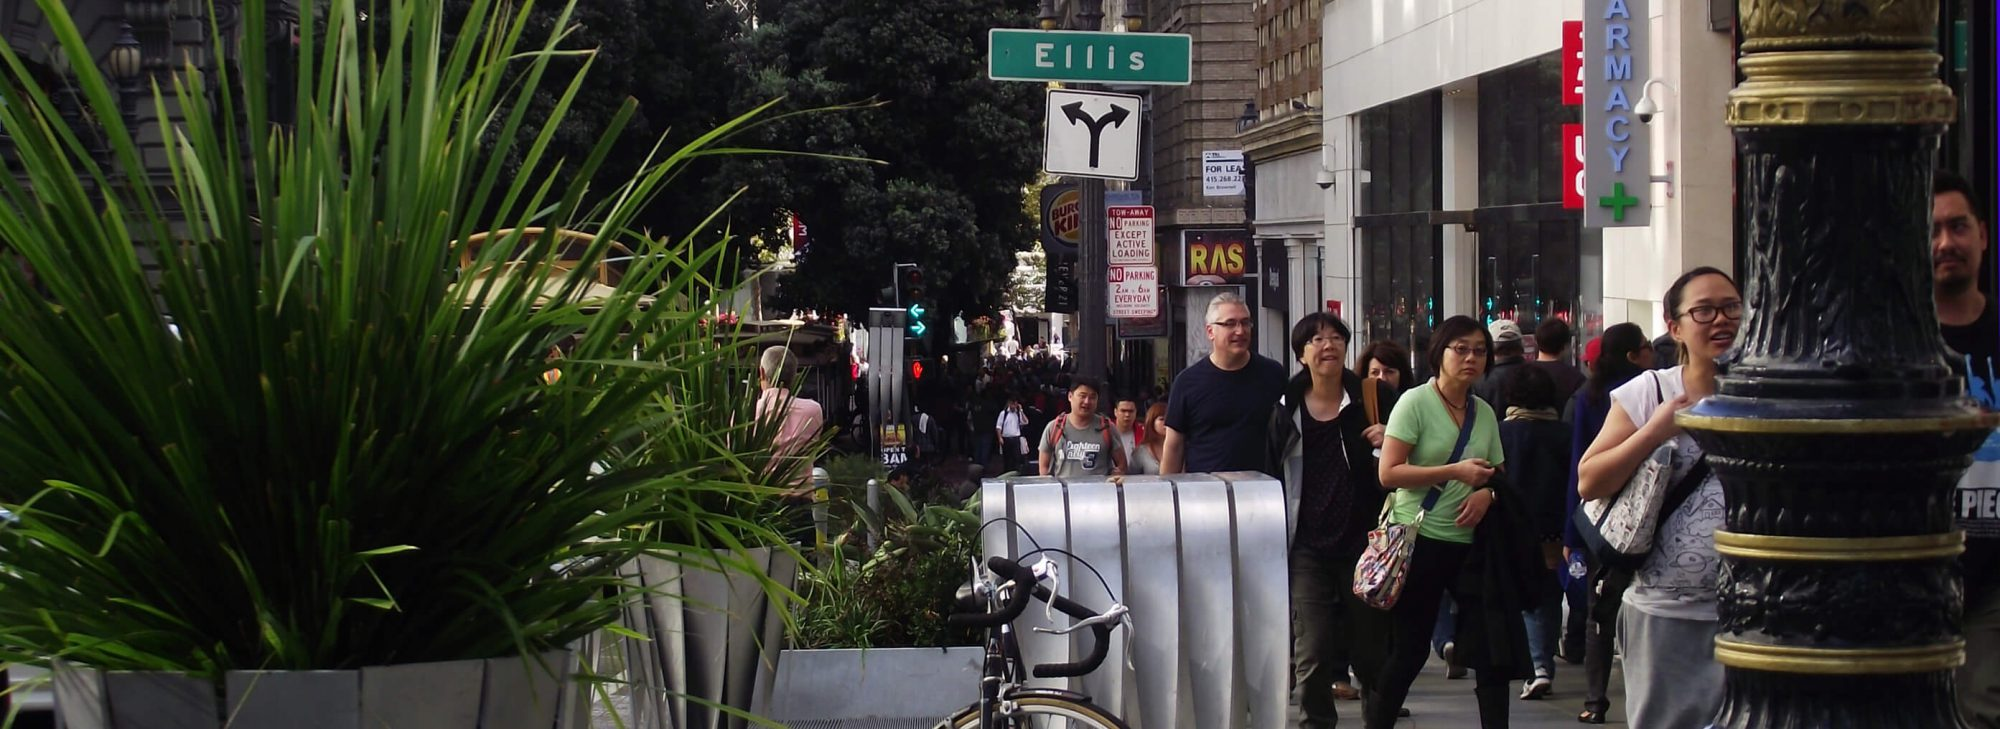 Ciudades Inclusivas Resilientes Eficientes y Sustentábles